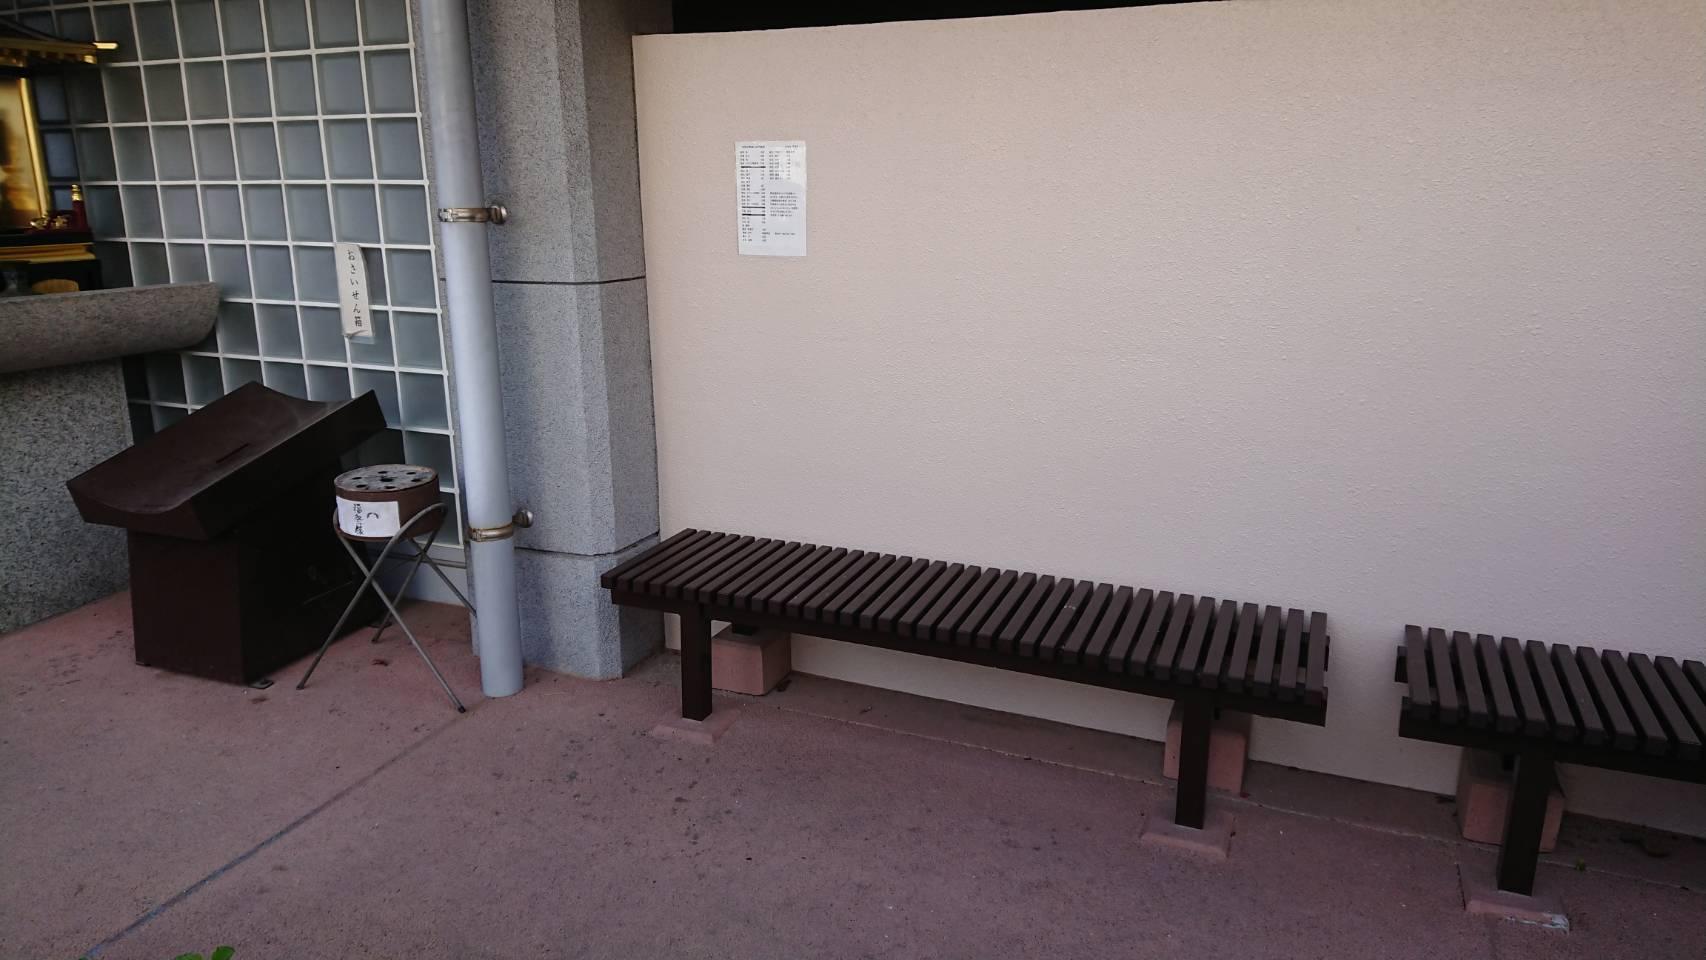 専光寺墓苑の休憩スペース